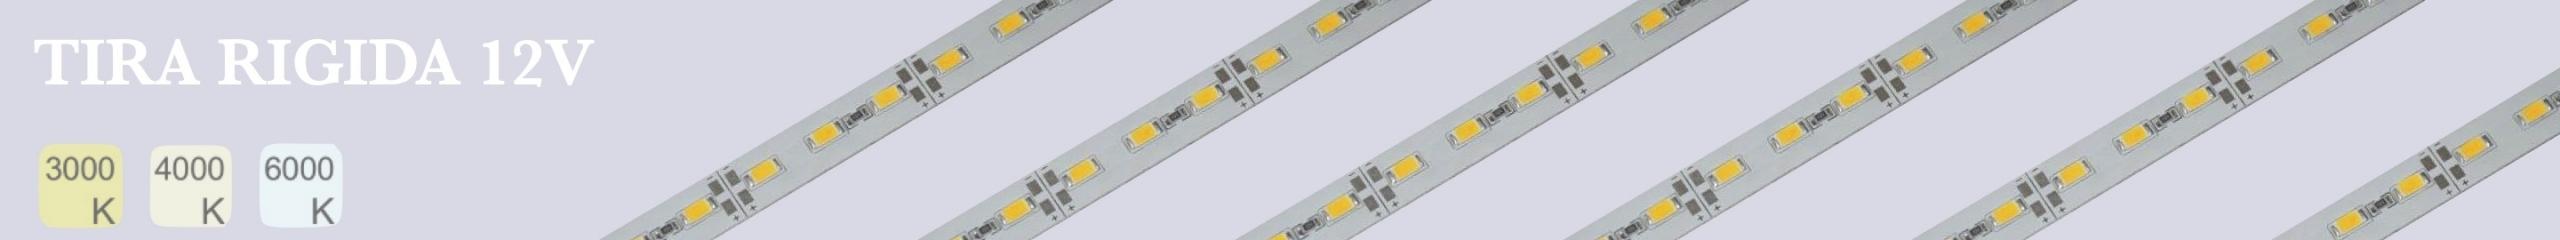 Tiras LED Rígida 12V